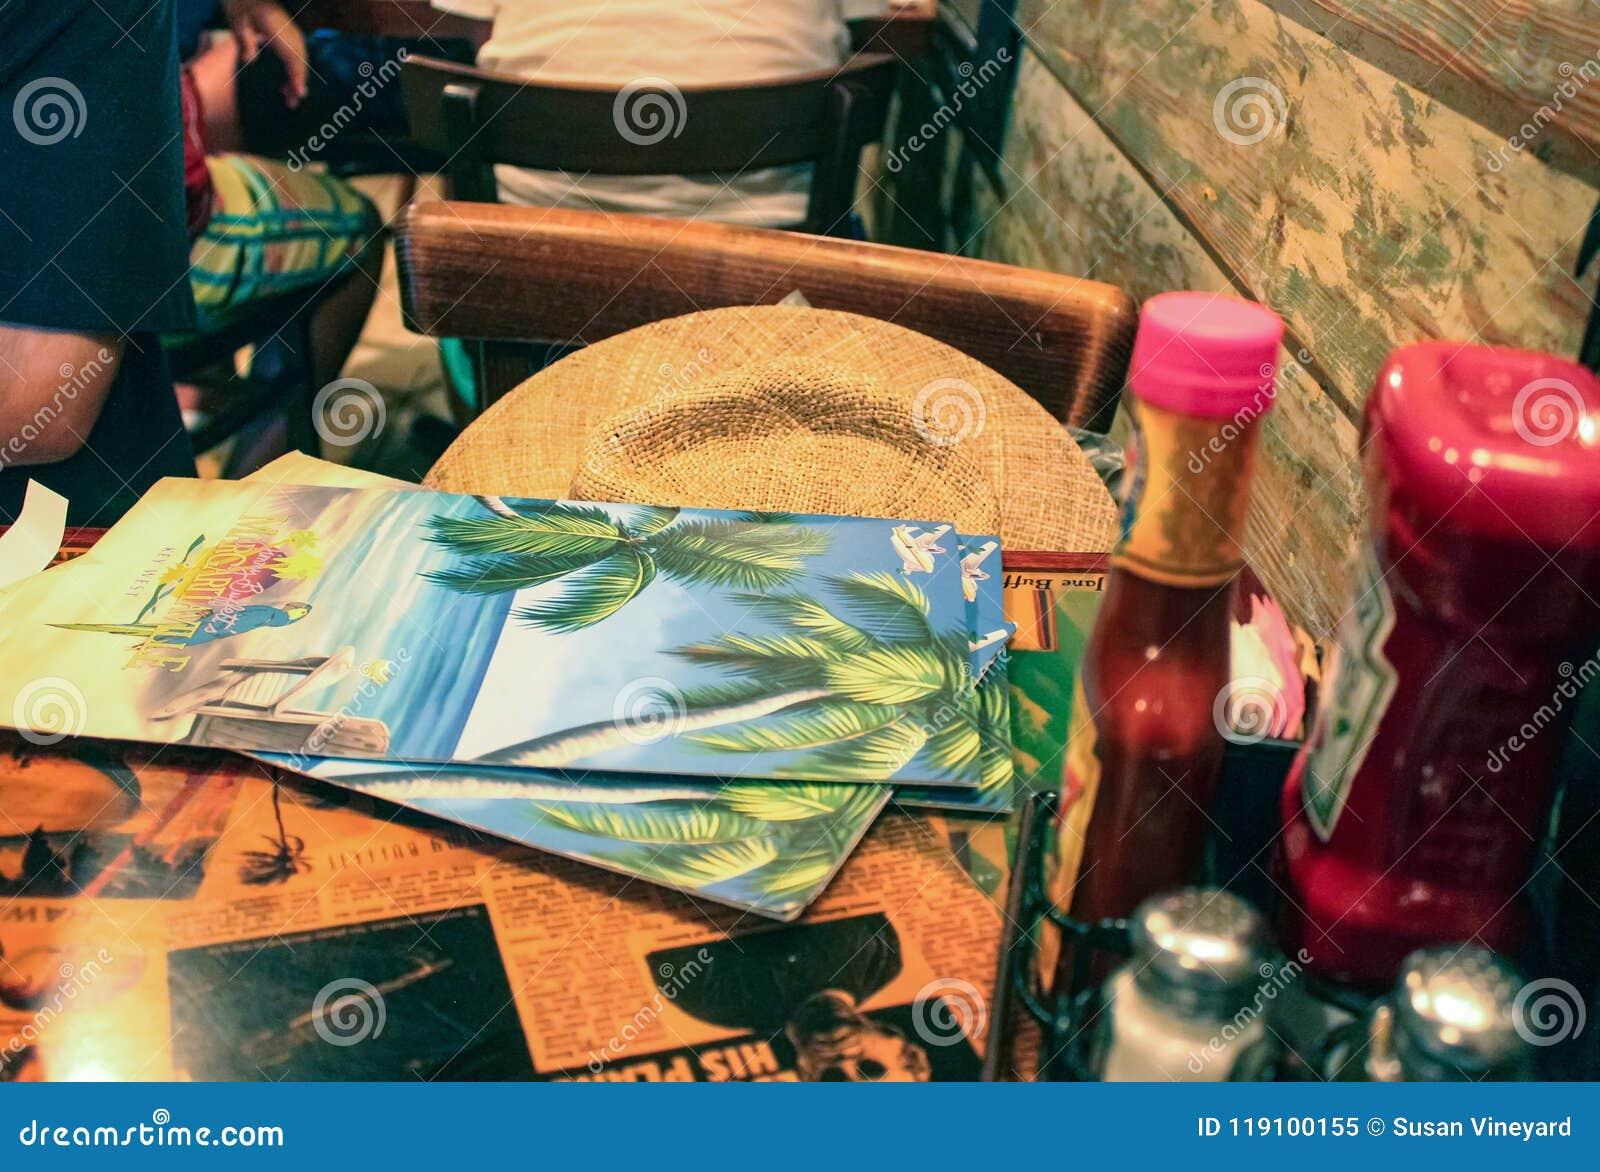 Eine Tabelle bei Margaritaville mit Menüs und ein Hut und Würzen Key West Florida USA